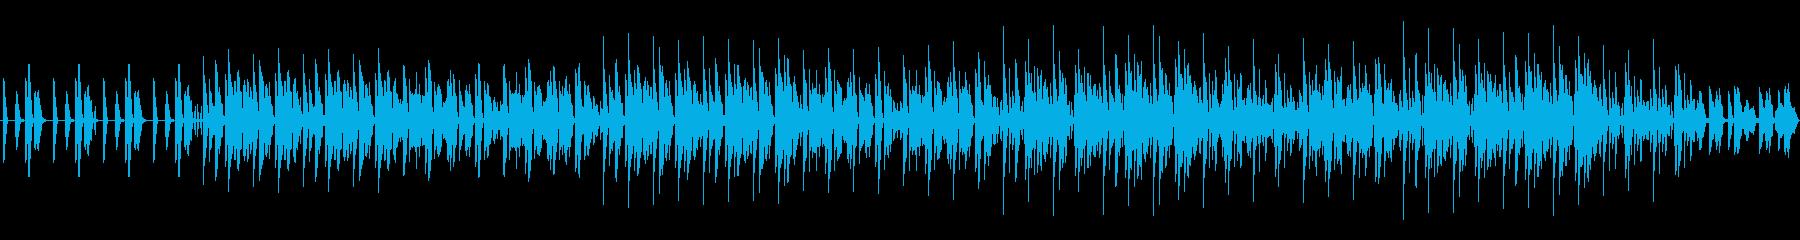 シリアスなイメージ テクスチャー系の再生済みの波形